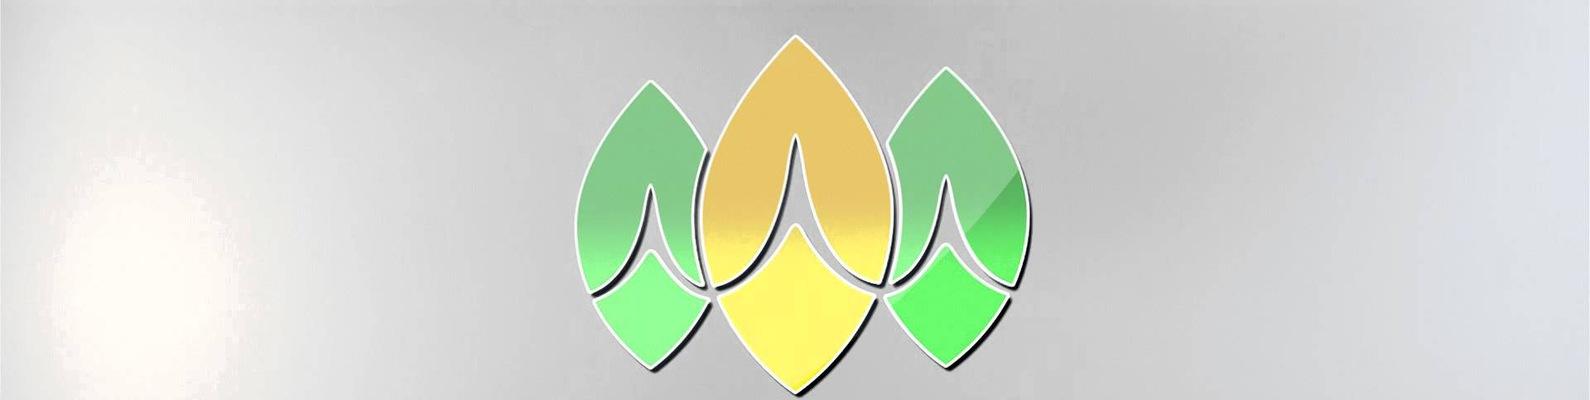 Тяньши картинки логотипы